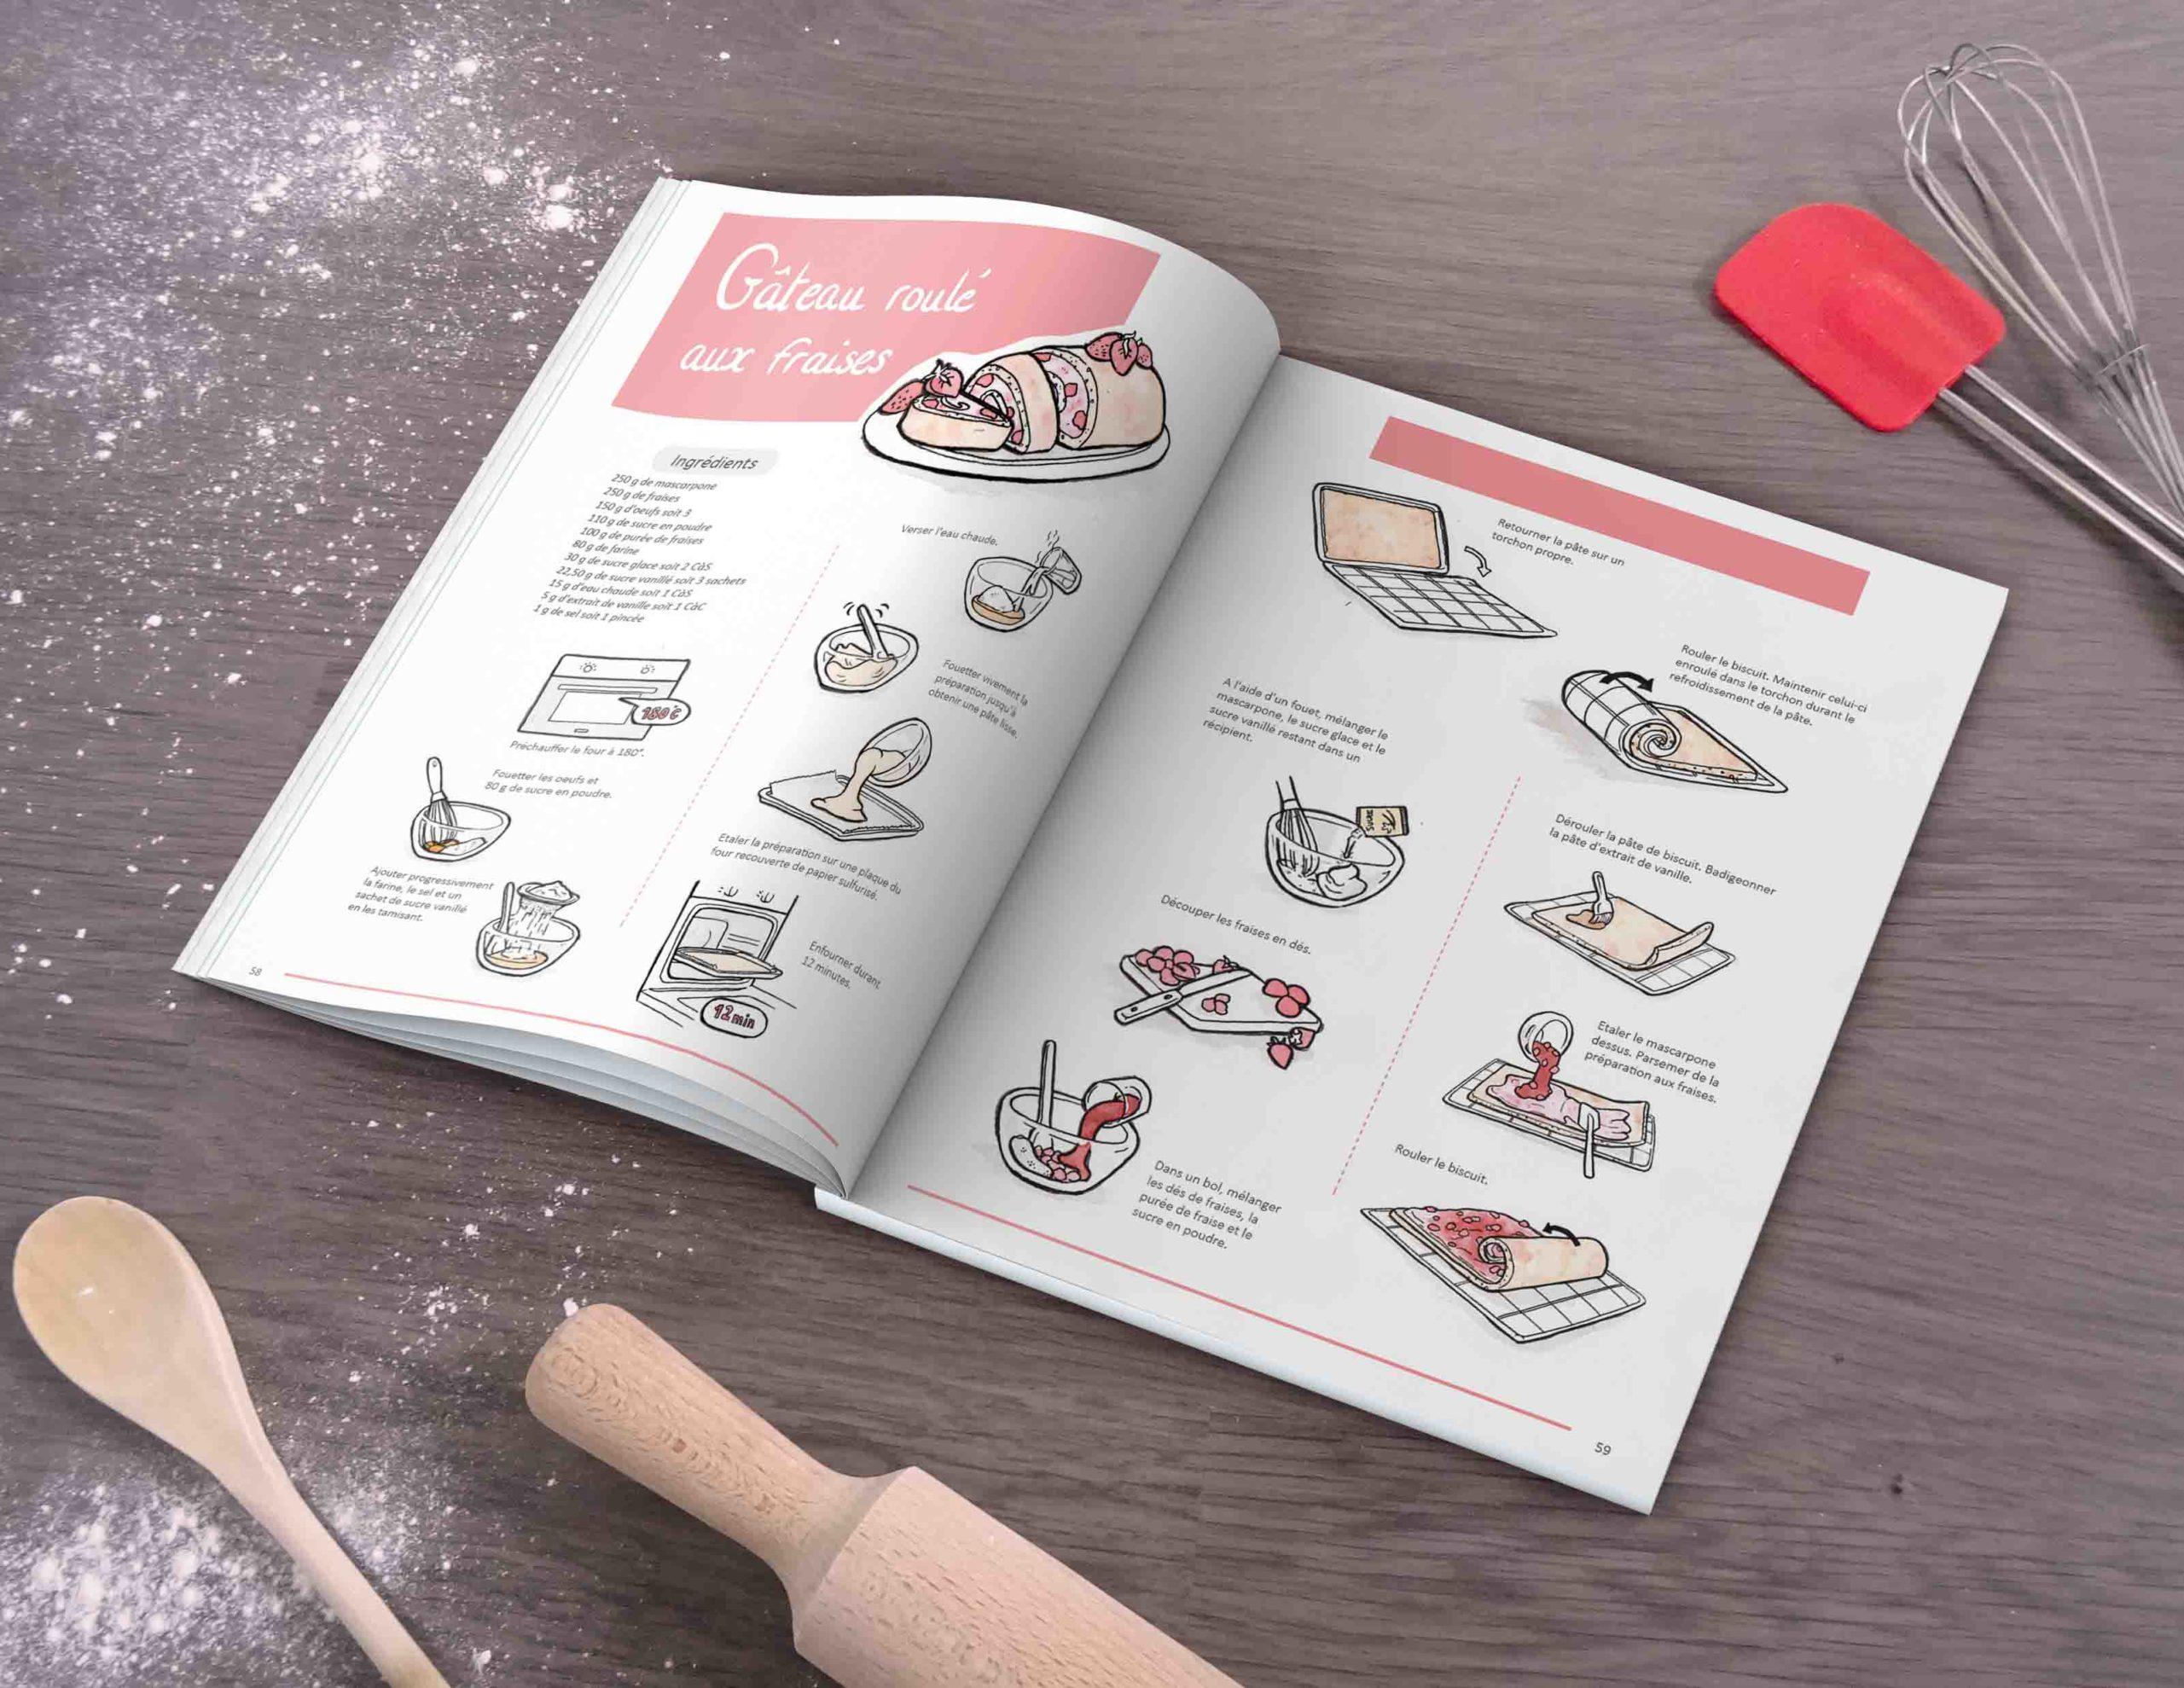 Illustration : photo du livre de recette avec recette illustrée du roulé aux fraises